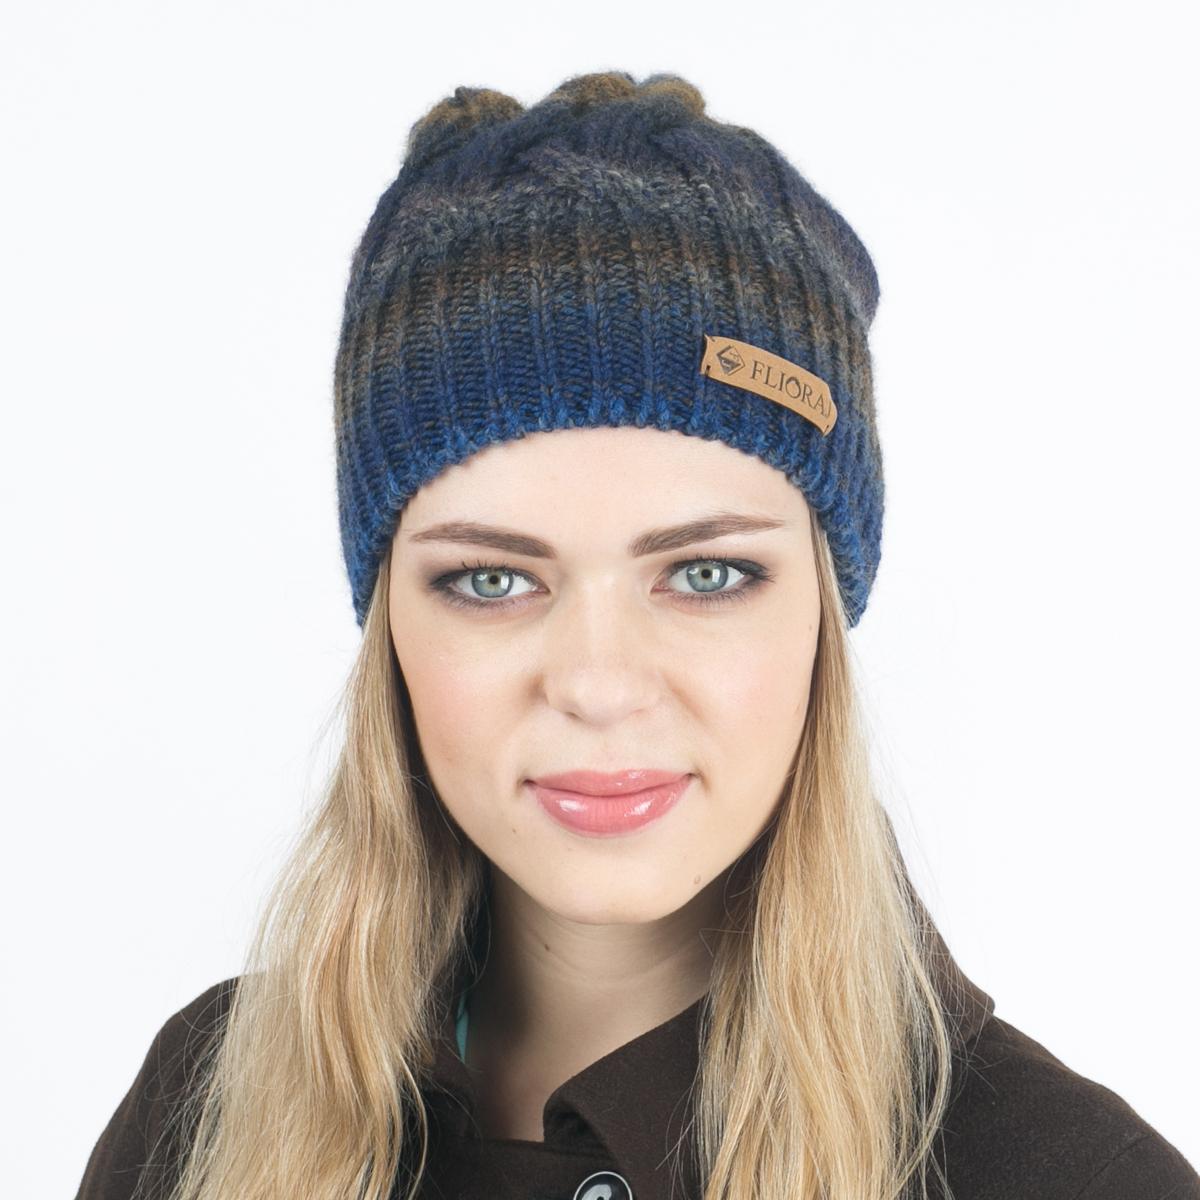 010FJТеплая шапка Flioraj выполнена из овечьей шерсти и шерсти горной альпаки с добавлением акрила и нейлона. Модель имеет крупную плотную вязку, оформлена оригинальным вязаным рисунком и декорирована фирменным кожаным логотипом. Уважаемые клиенты! Размер, доступный для заказа, является обхватом головы.